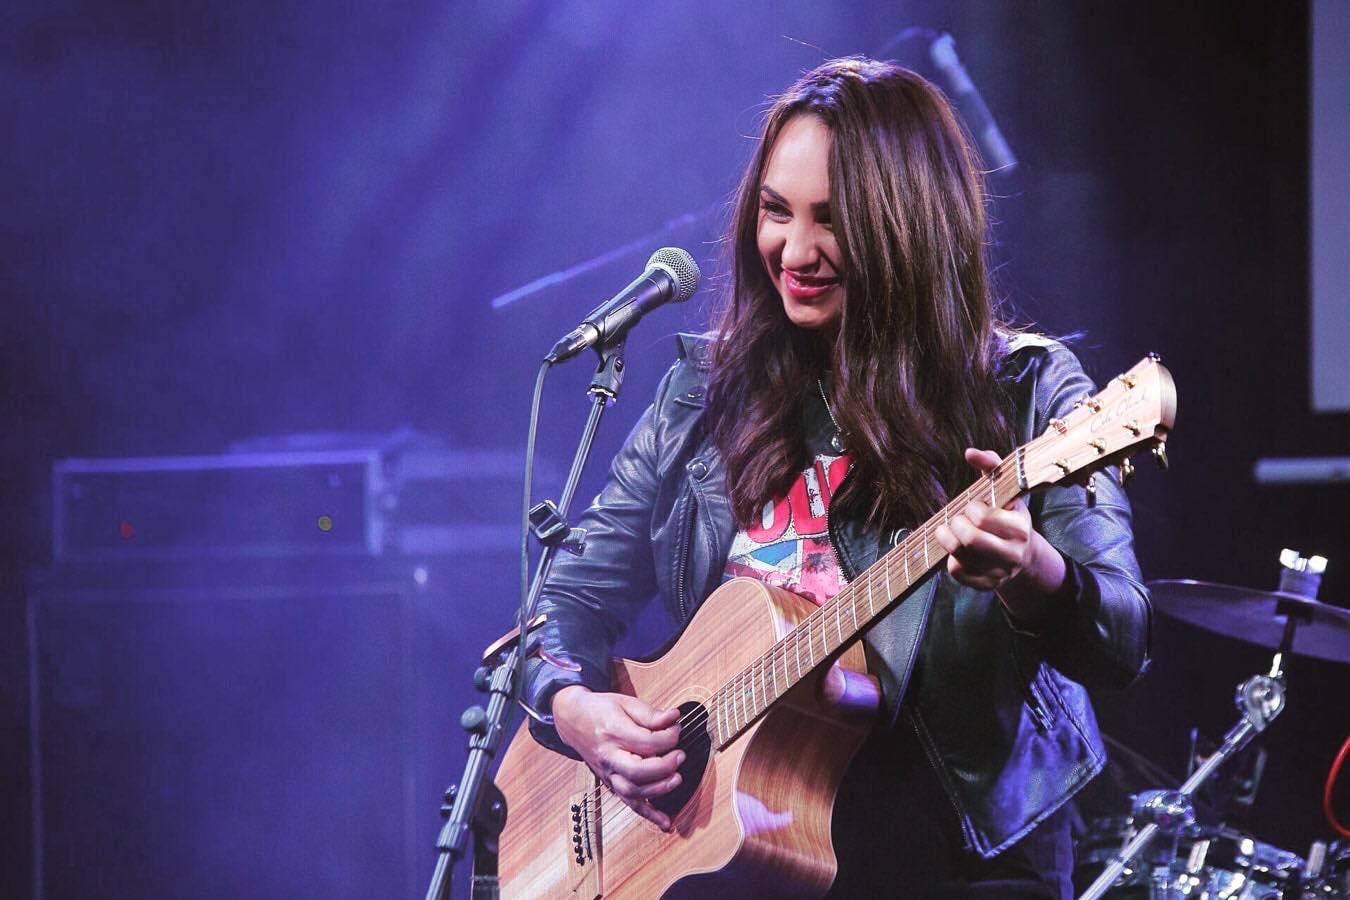 Rachel Vidoni